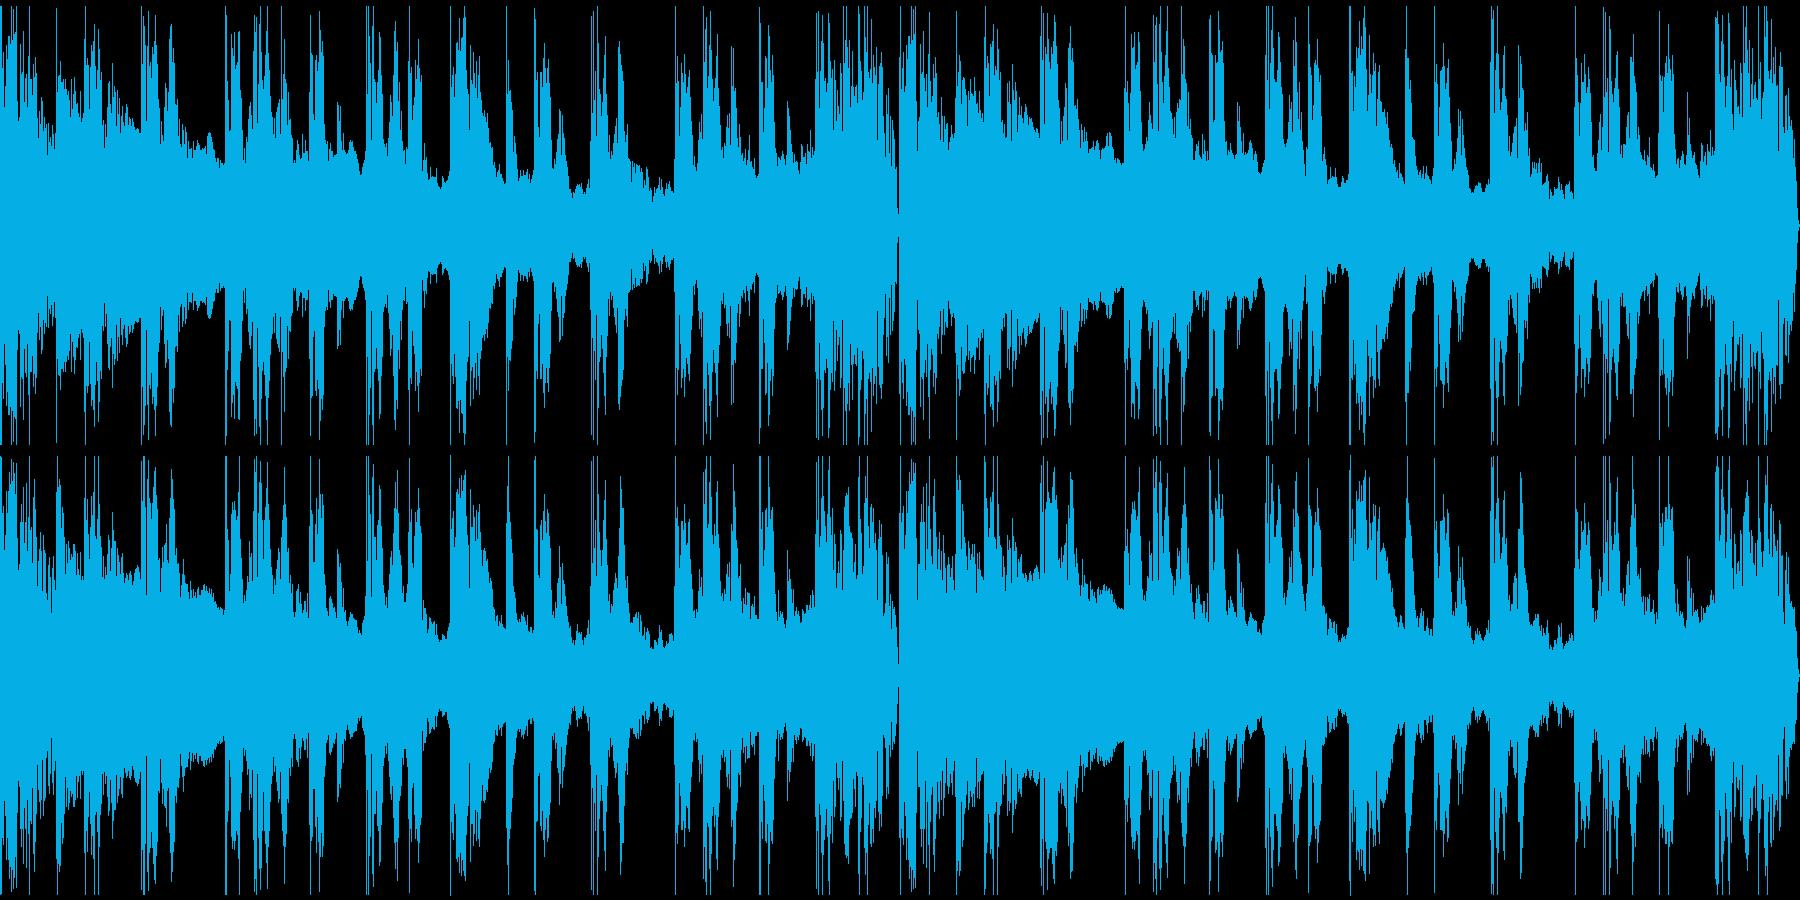 【エレクトロニカ】ロング3、ジングル3の再生済みの波形